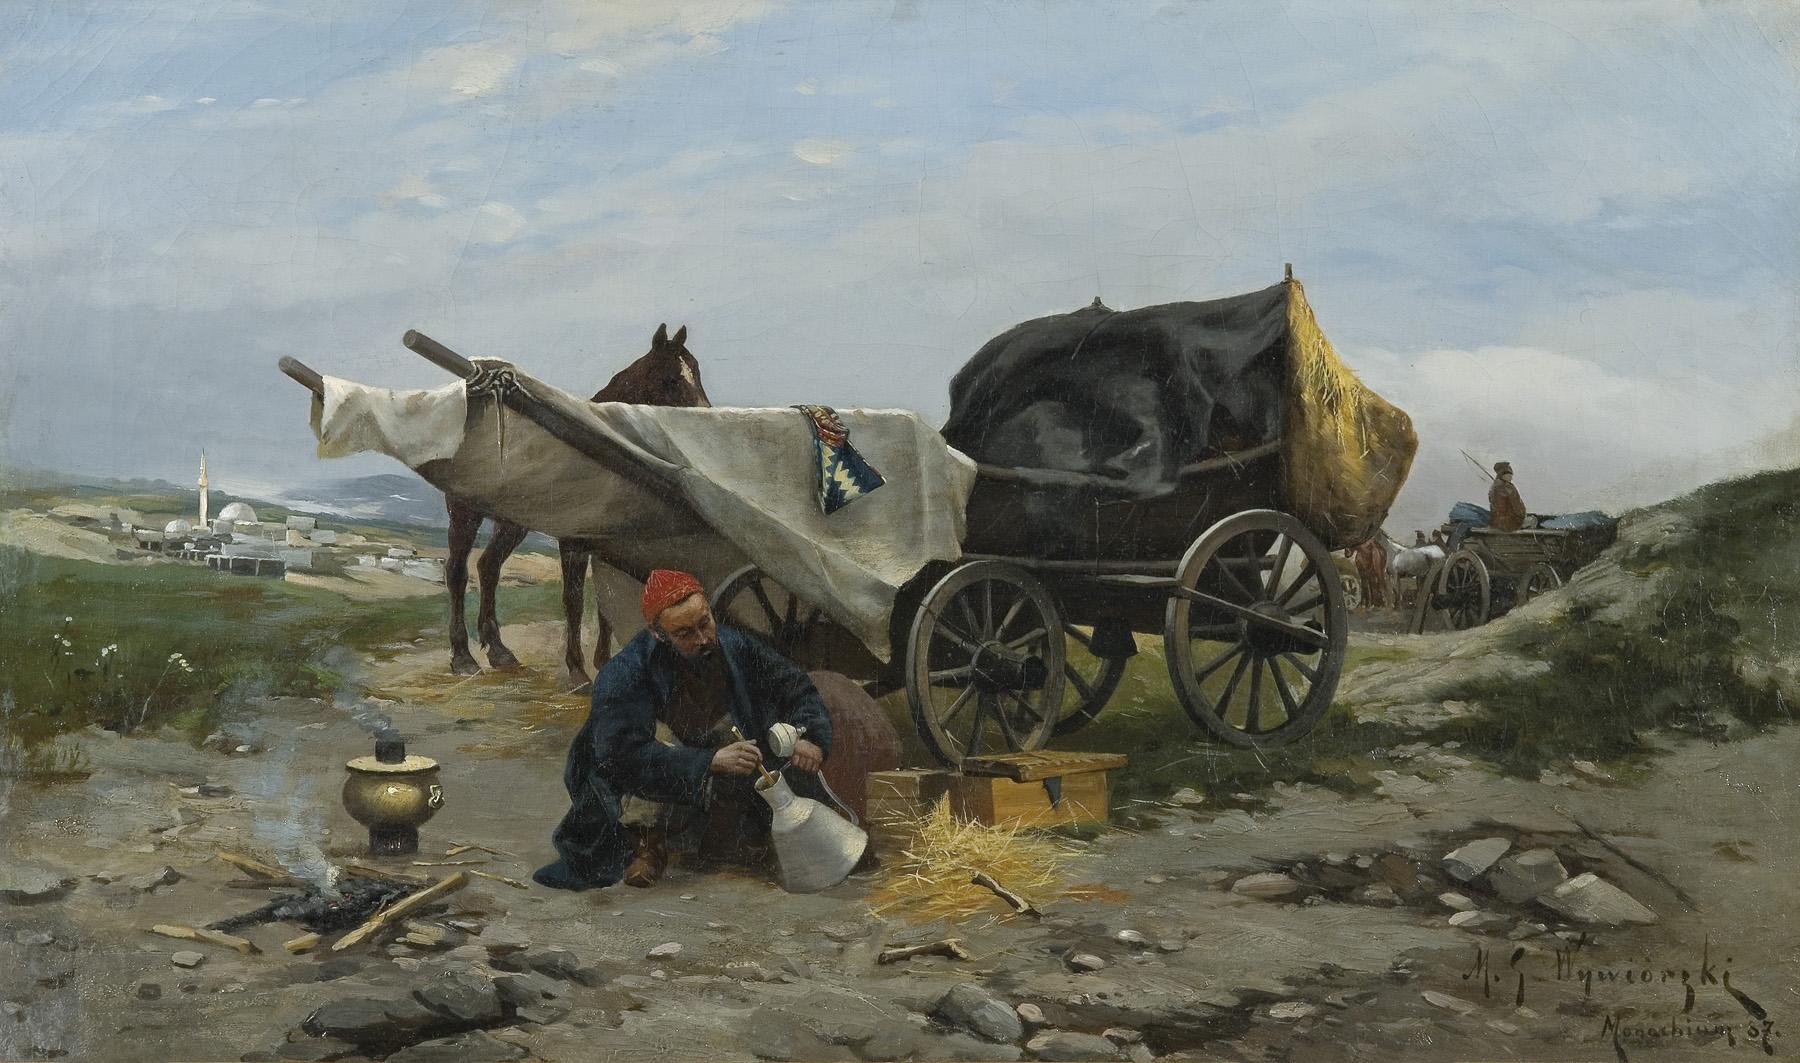 ODPOCZYNEK W DRODZE, 1887